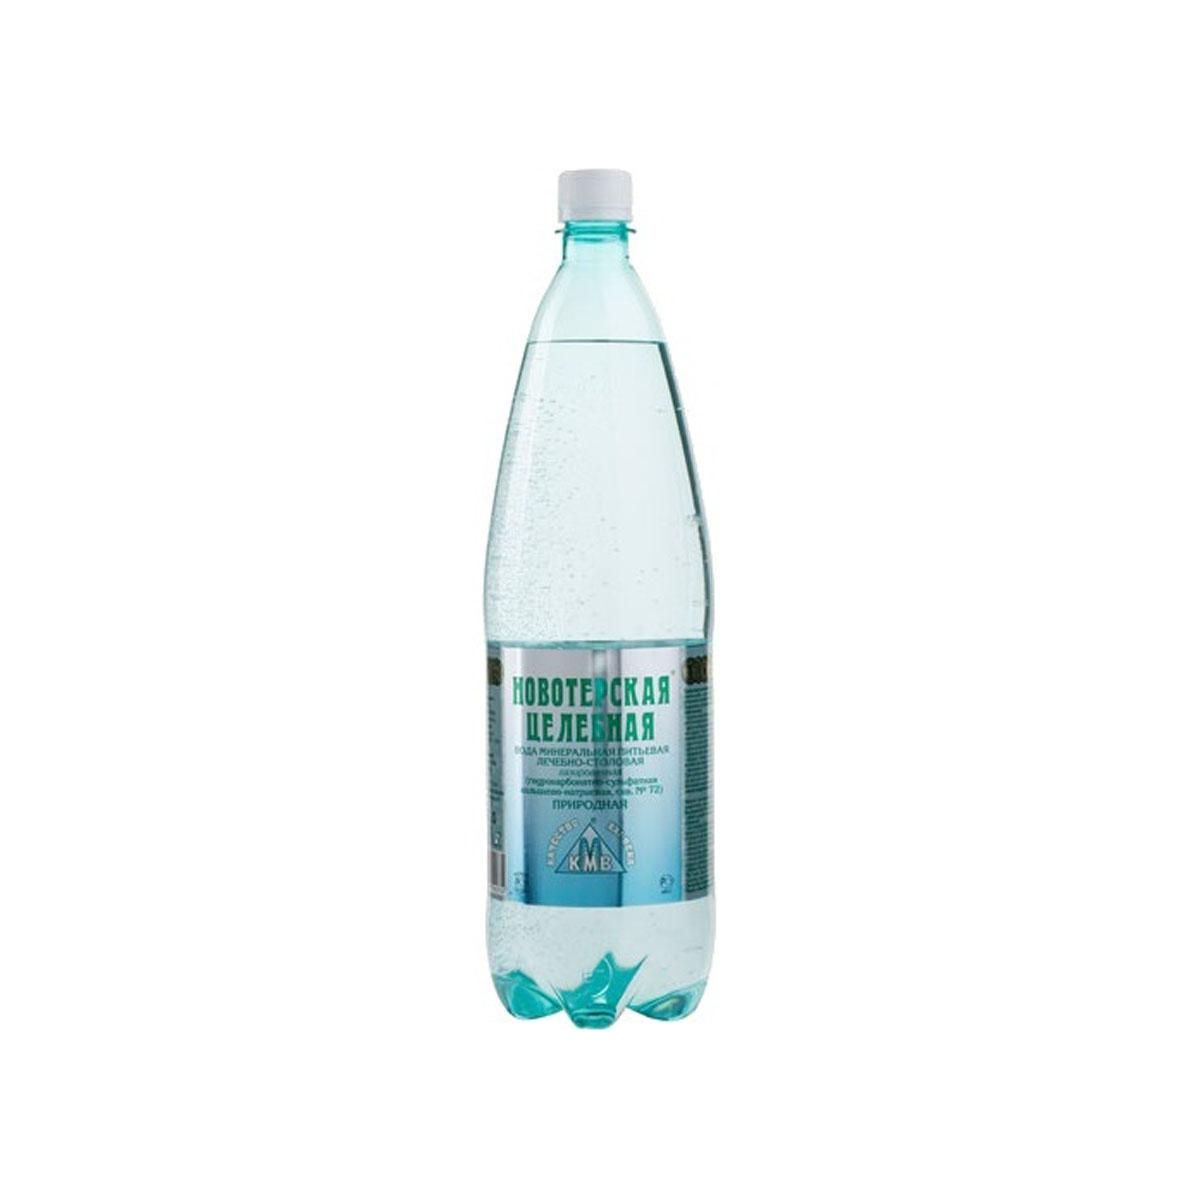 Вода минеральная Новотерская (пластик) Газированная 1,5 л (пластик)<br>